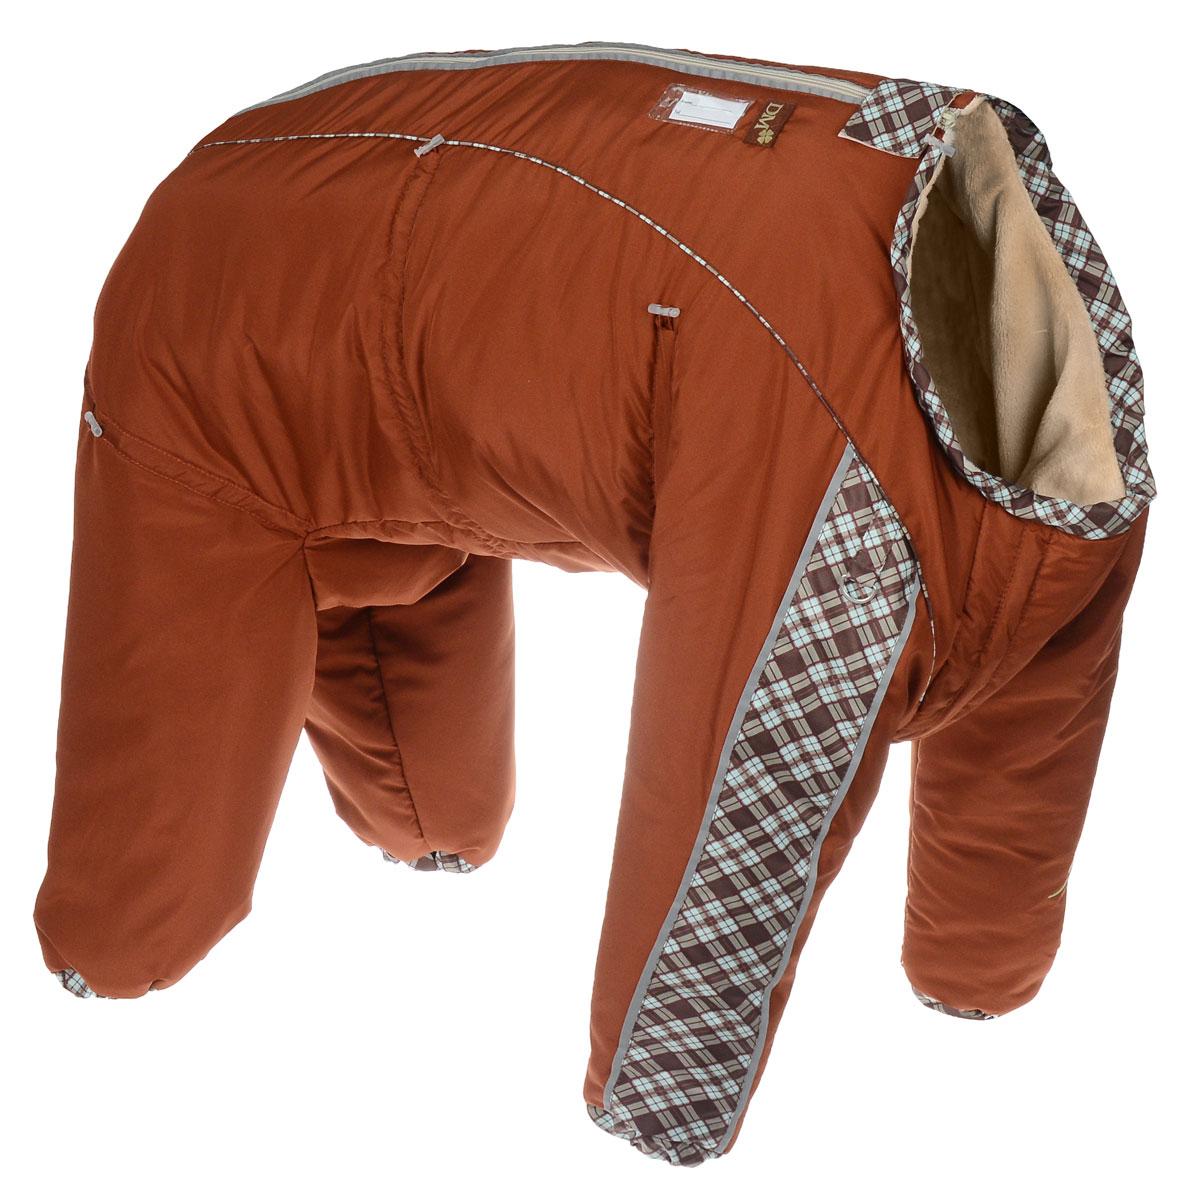 Комбинезон для собак Dogmoda Doggs, зимний, для девочки, цвет: светло-коричневый, оранжевый. Размер XXXLDM-140557Комбинезон для собак Dogmoda Doggs отлично подойдет для прогулок в зимнее время года. Комбинезон изготовлен из полиэстера, защищающего от ветра и снега, с утеплителем из синтепона, который сохранит тепло даже в сильные морозы, а на подкладке используется искусственный мех, который обеспечивает отличный воздухообмен. Комбинезон застегивается на молнию и липучку, благодаря чему его легко надевать и снимать. Молния снабжена светоотражающими элементами. Низ рукавов и брючин оснащен внутренними резинками, которые мягко обхватывают лапки, не позволяя просачиваться холодному воздуху. На вороте, пояснице и лапках комбинезон затягивается на шнурок-кулиску с затяжкой. Модель снабжена непромокаемым карманом для размещения записки с информацией о вашем питомце, на случай если он потеряется. Благодаря такому комбинезону простуда не грозит вашему питомцу и он не даст любимцу продрогнуть на прогулке.